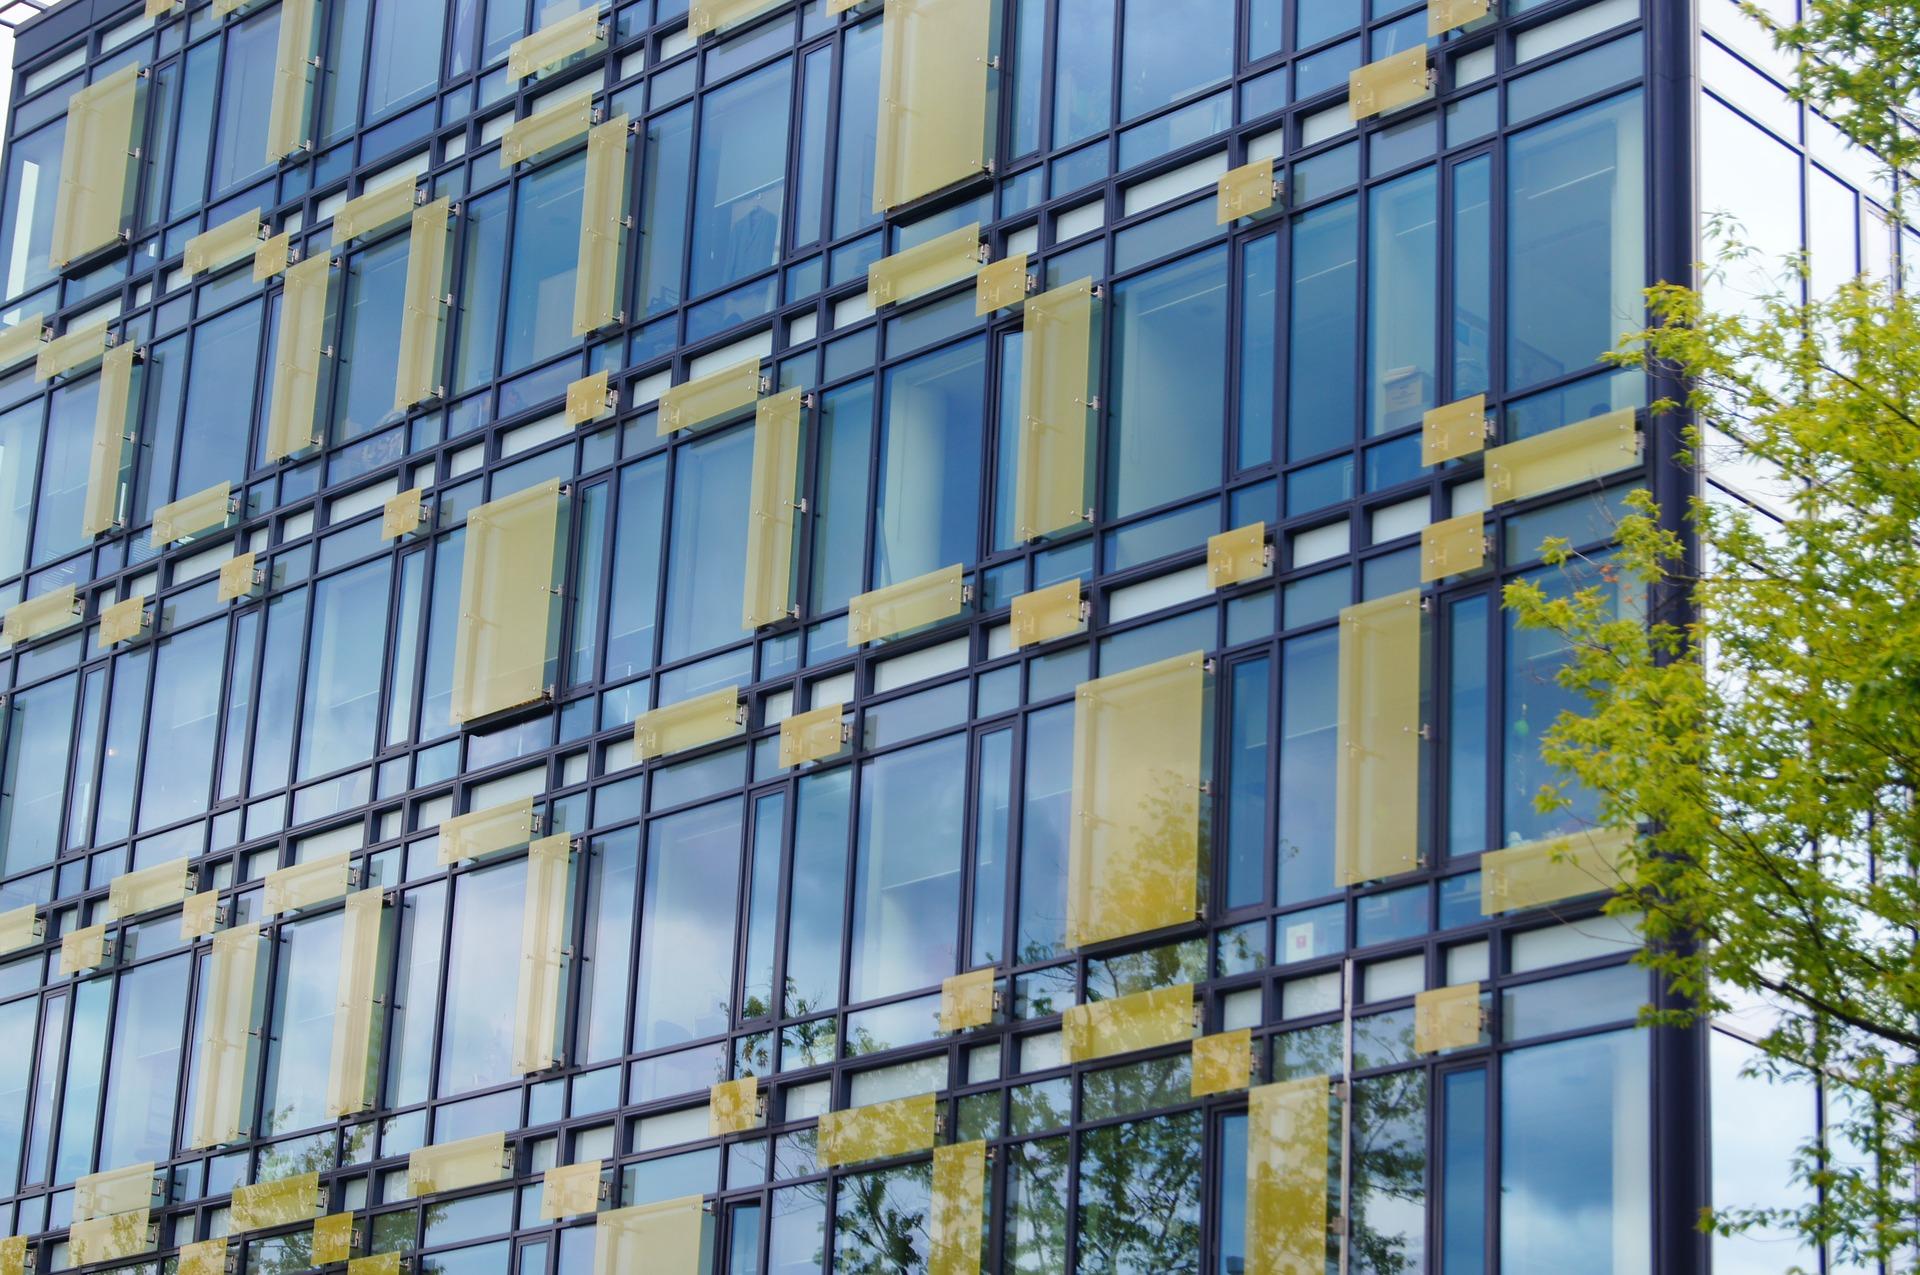 Full facades